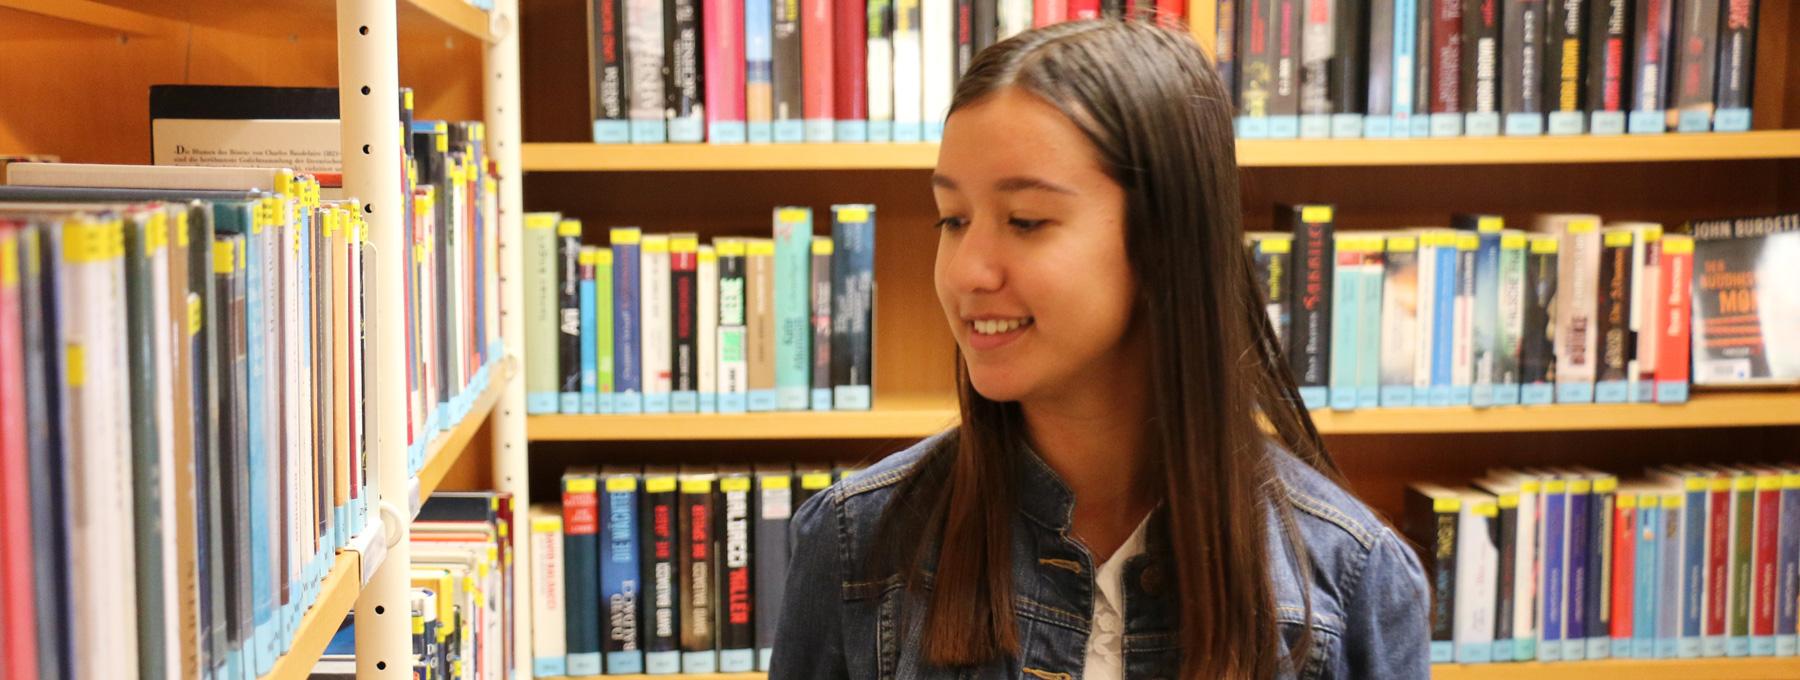 Junge Frau vor Bücherregalen in der Stadtbücherei